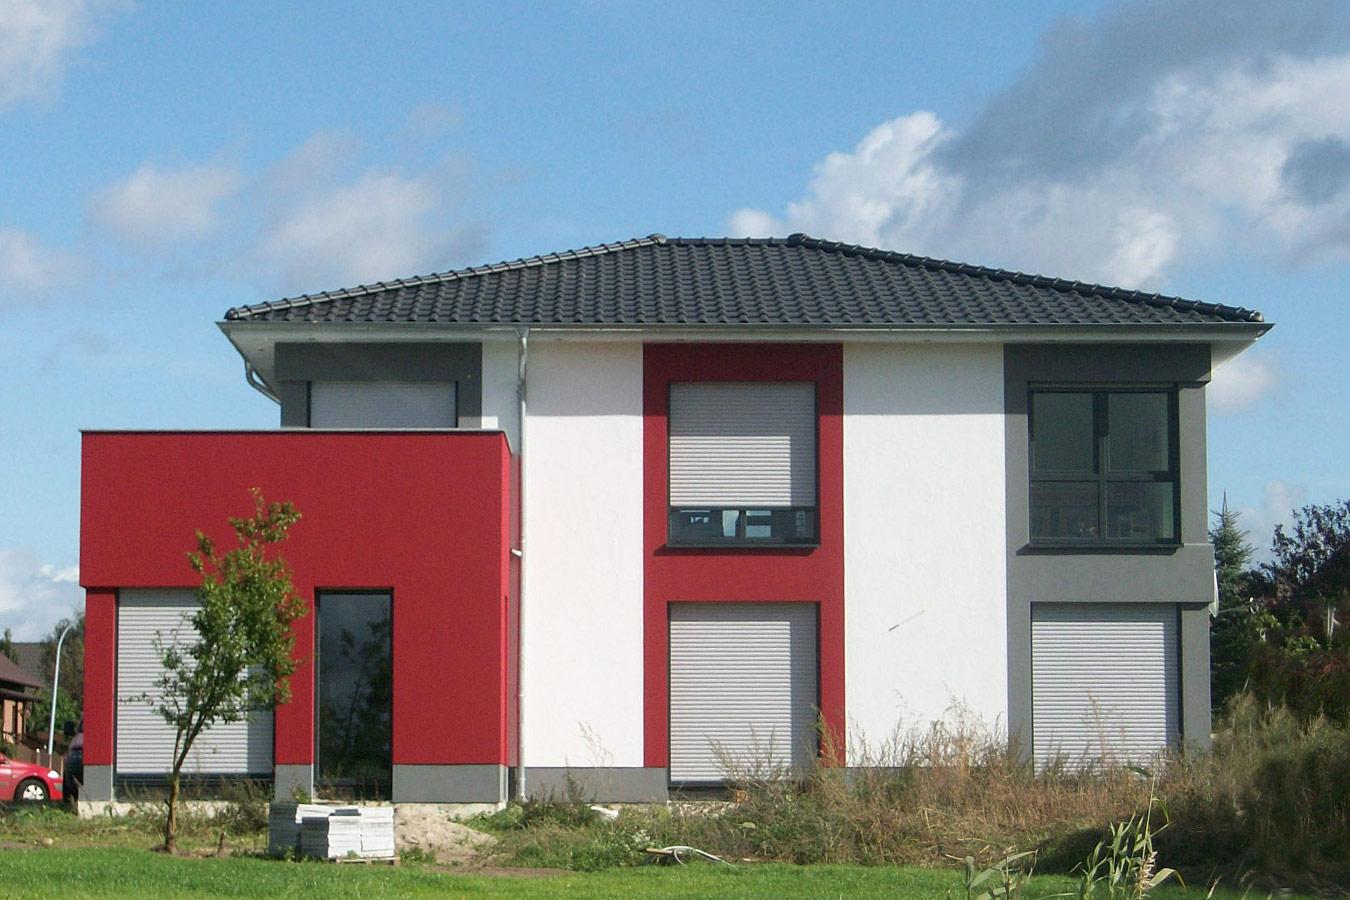 th 158 einfamilienhaus willkommen bei der templiner hausbau gmbh. Black Bedroom Furniture Sets. Home Design Ideas